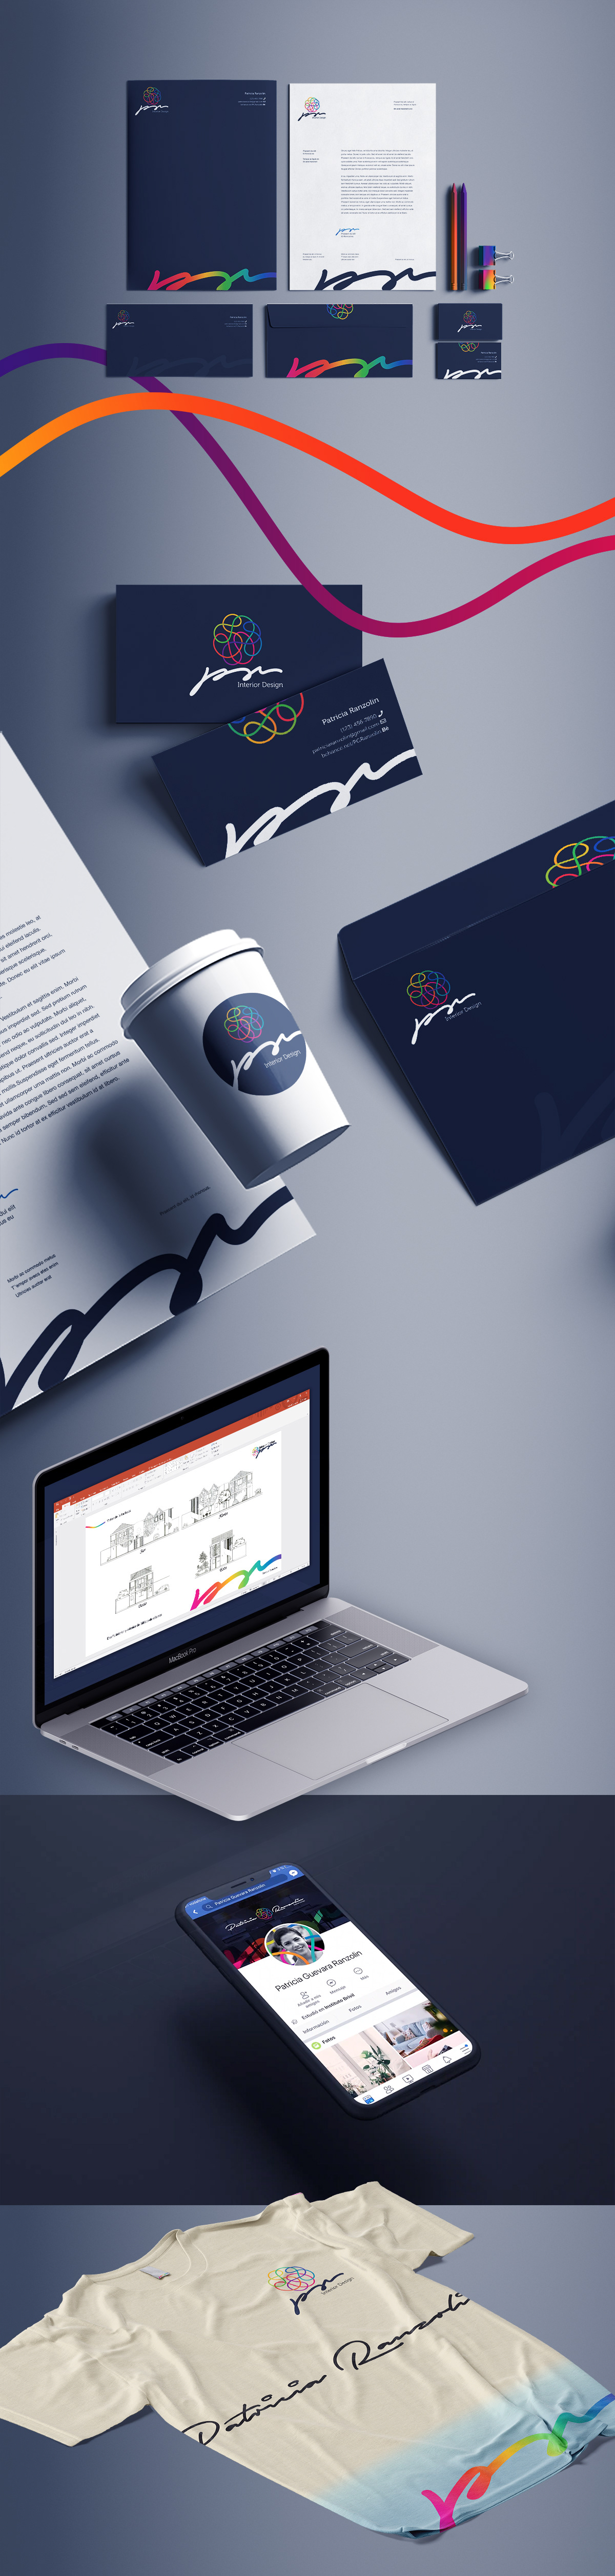 brand branding  color concept concepto Disegn diseño gráfico logo marca